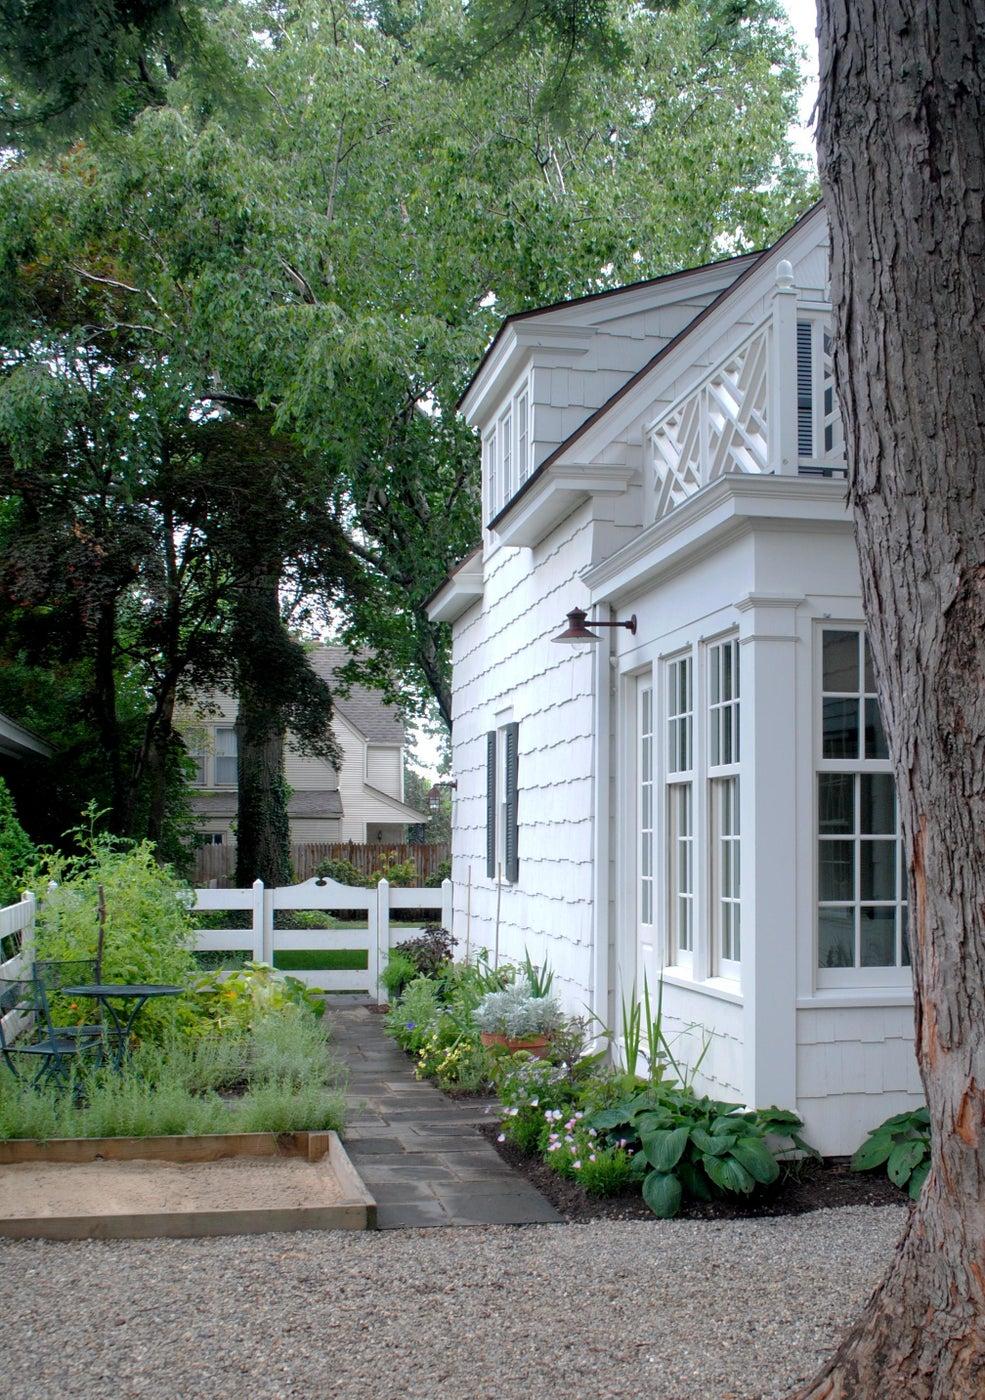 Historic Colonial Revival Home: Rear Garden Path